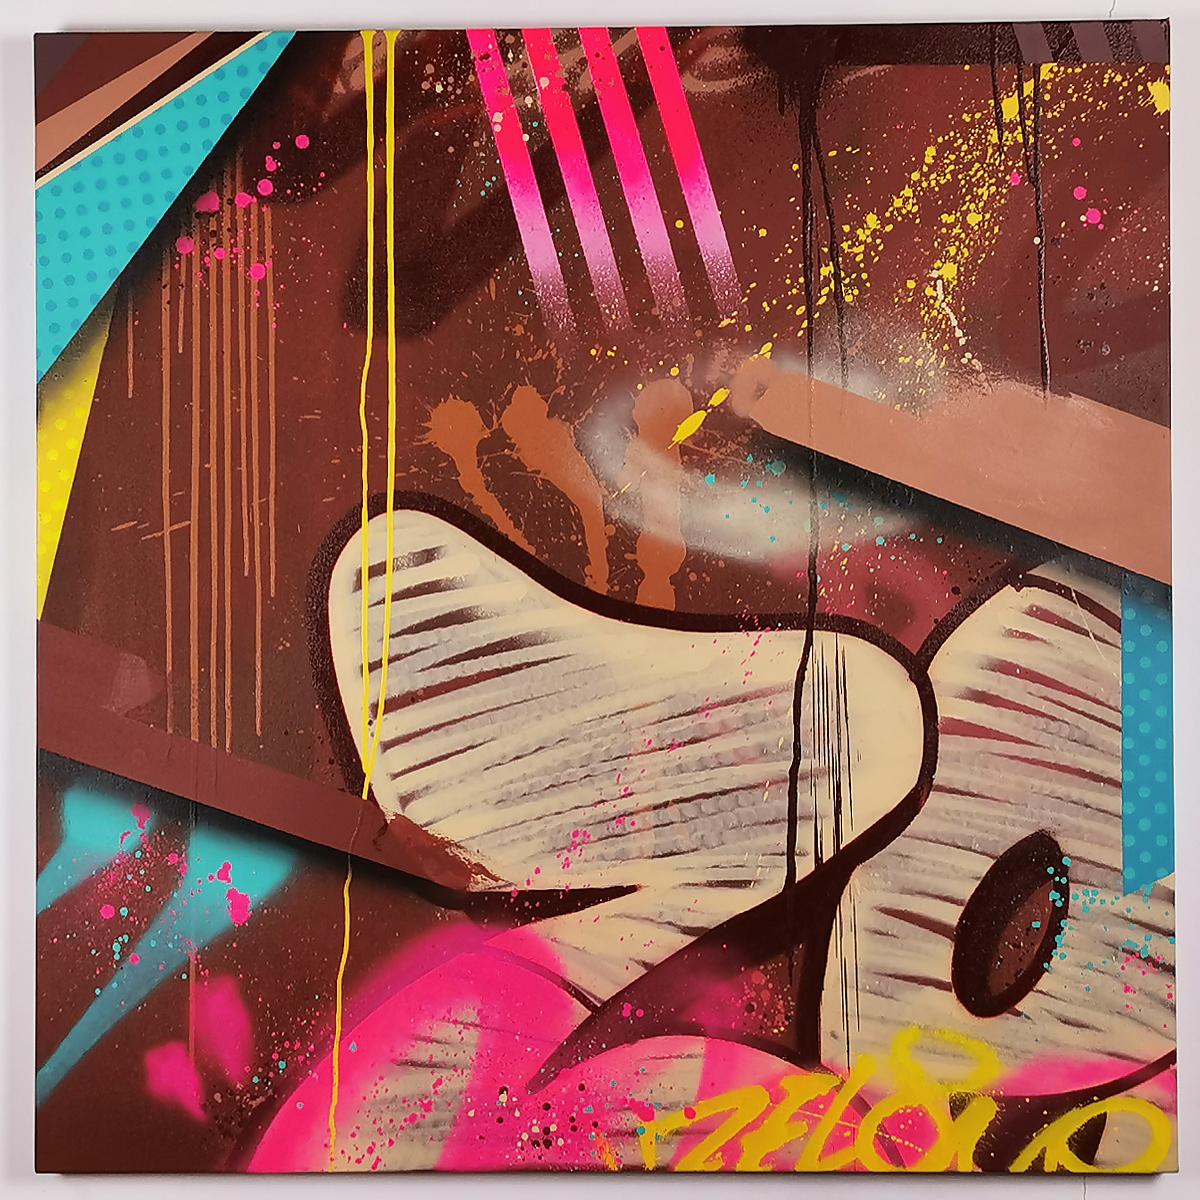 post-vandalism-7-zelone-golden-galerie